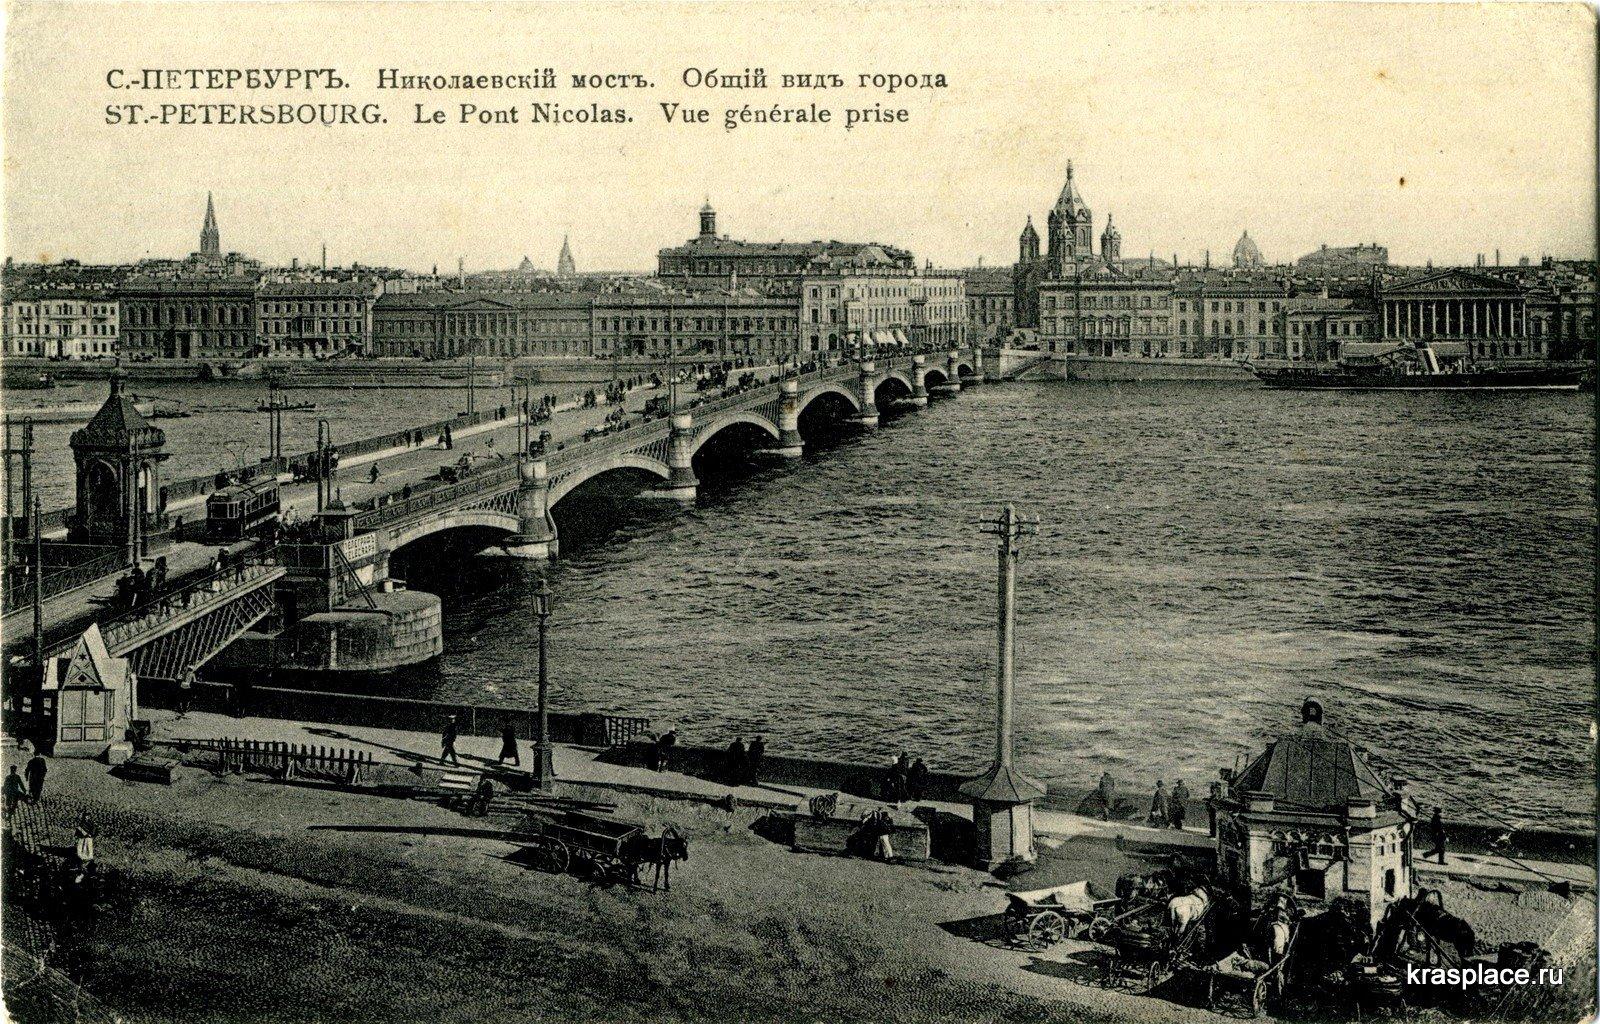 Фотографии старого петербурга написали, что